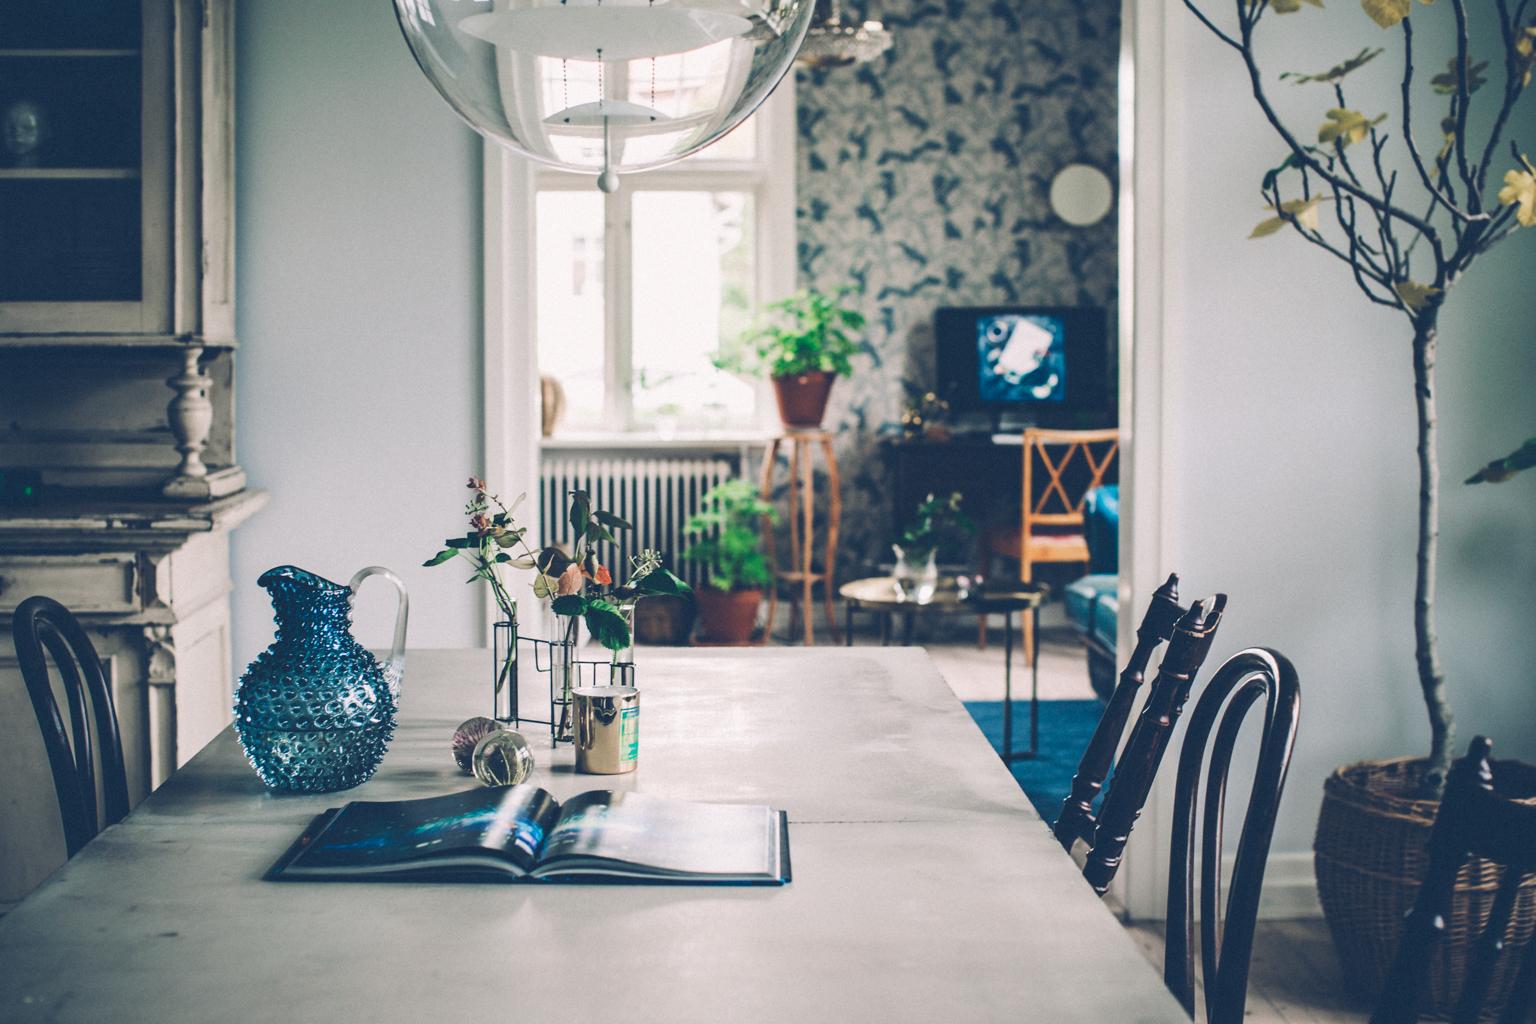 Negozi arredamento casa milano fabulous ottica ricci arketipo design arredo design negozi with for Negozi arredamento economici